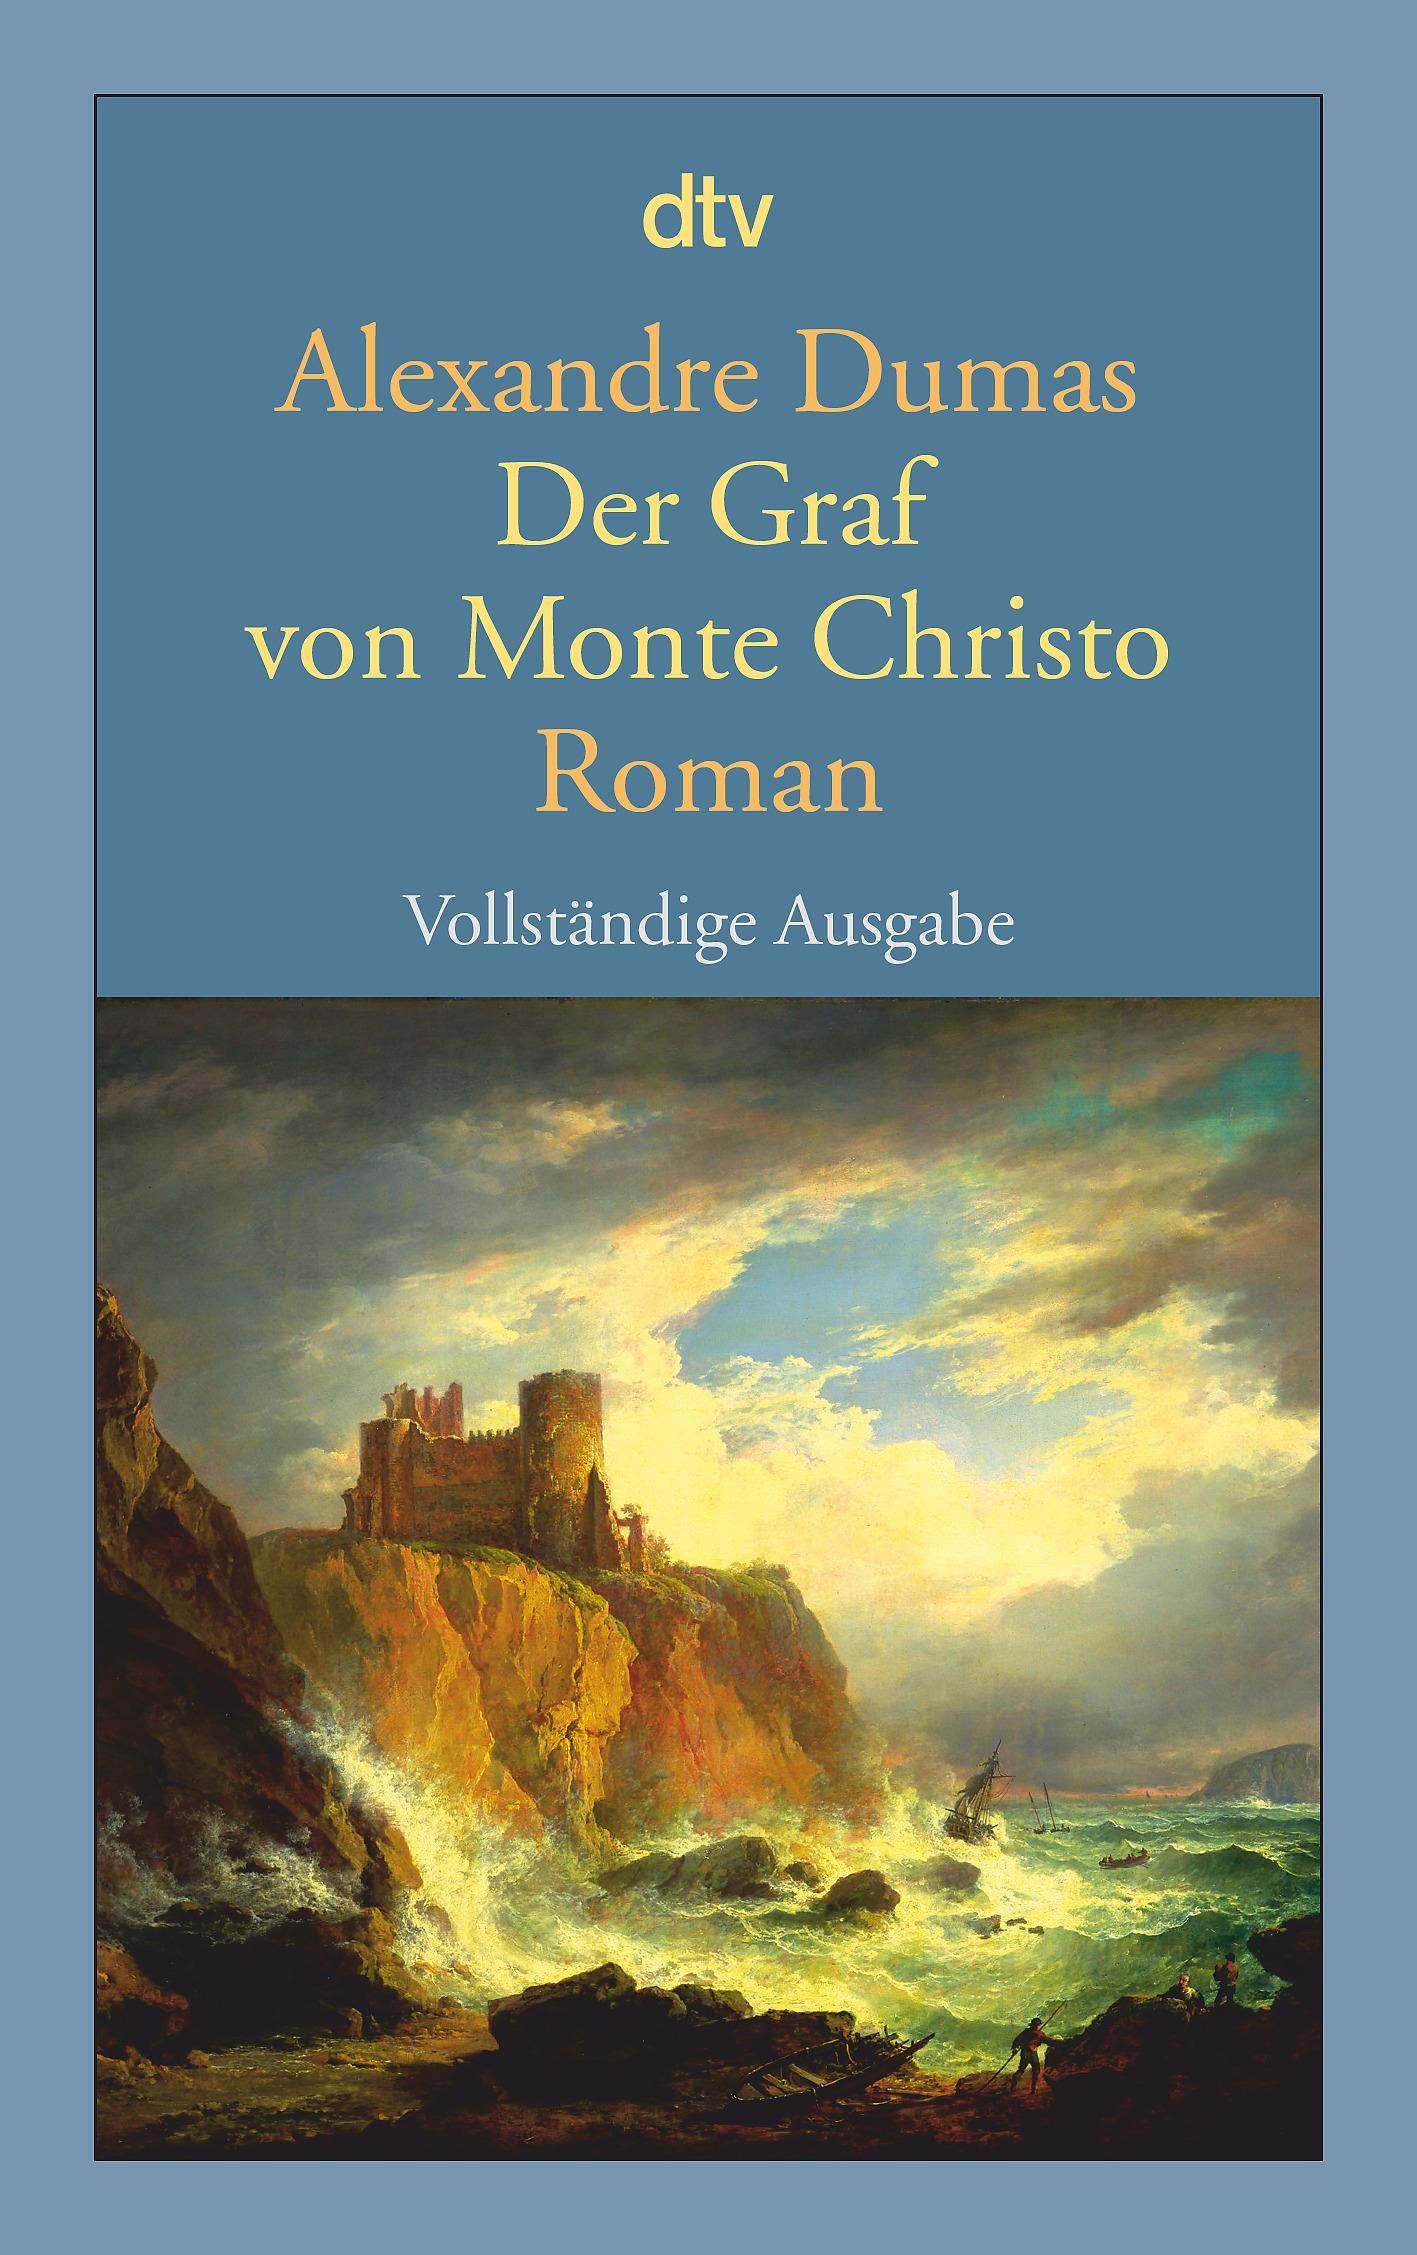 Der Graf von Monte Christo Alexandre Dumas